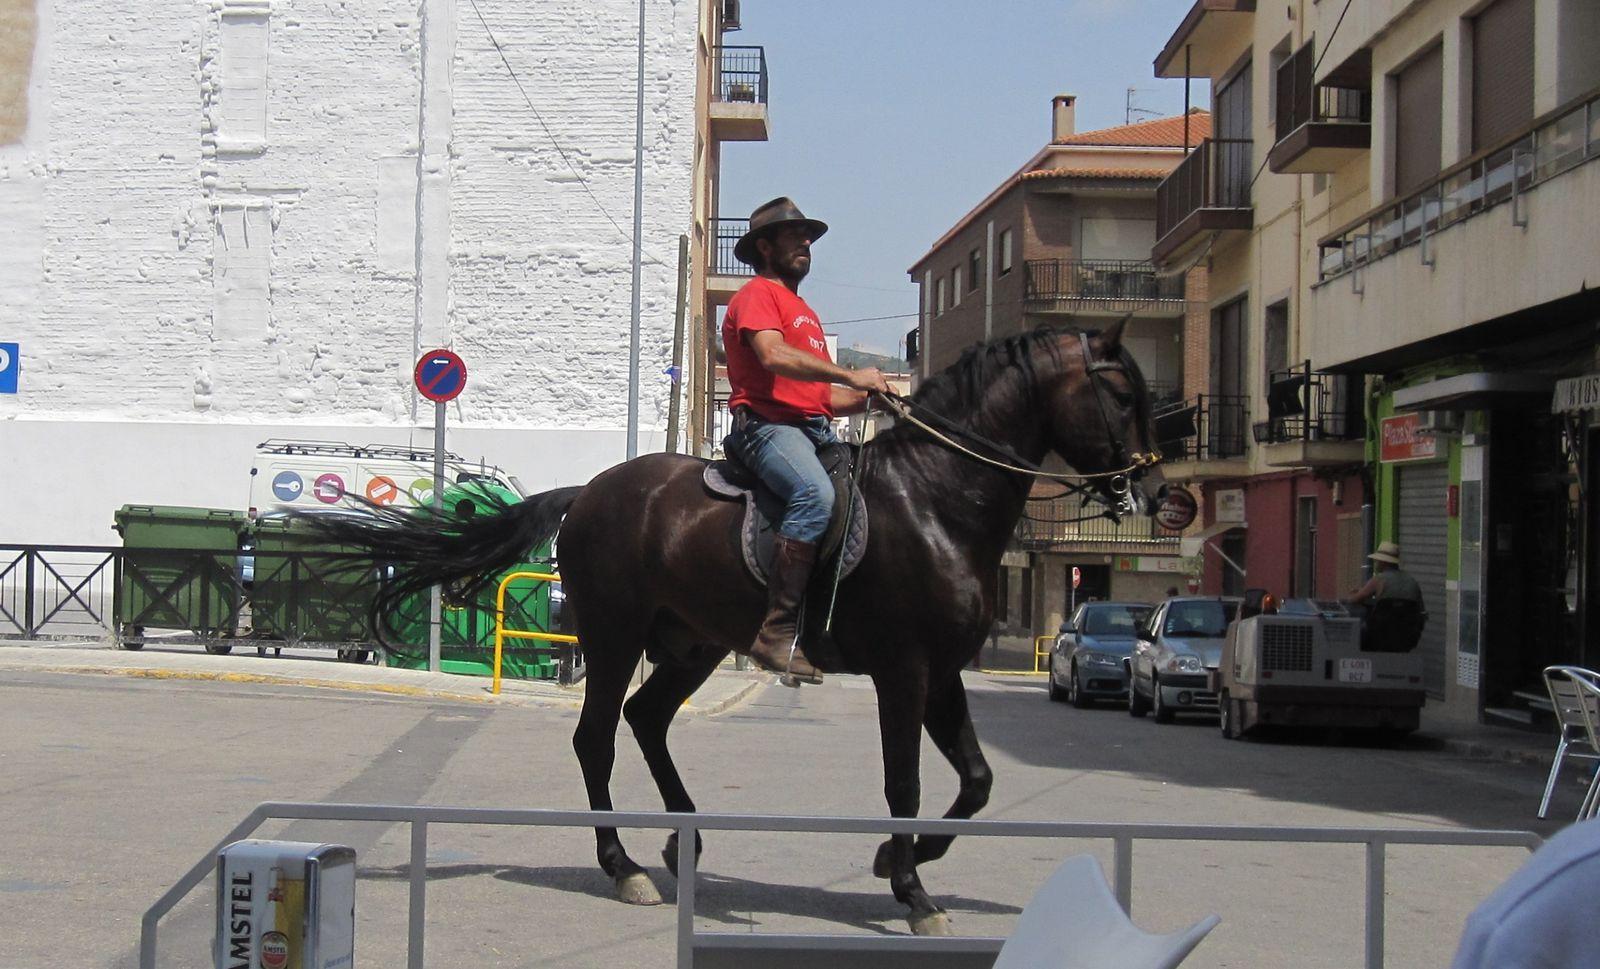 Sud-est de l'Espagne, ressemblance troublante avec Chuck Norris, chevauchant un magnifique canasson